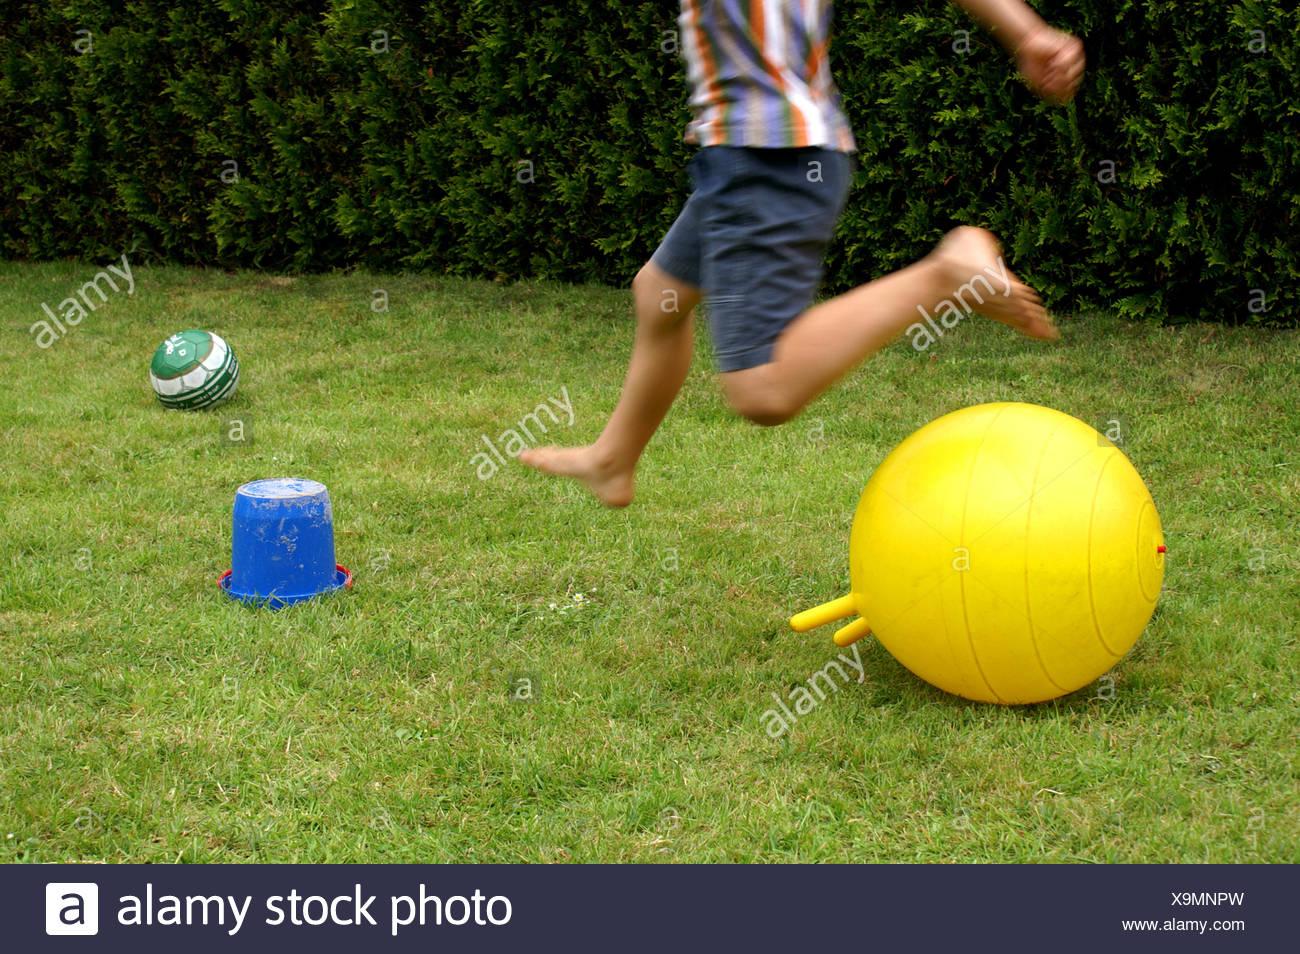 Spass Spiele Garten Sprung Stockfoto Bild 281353937 Alamy